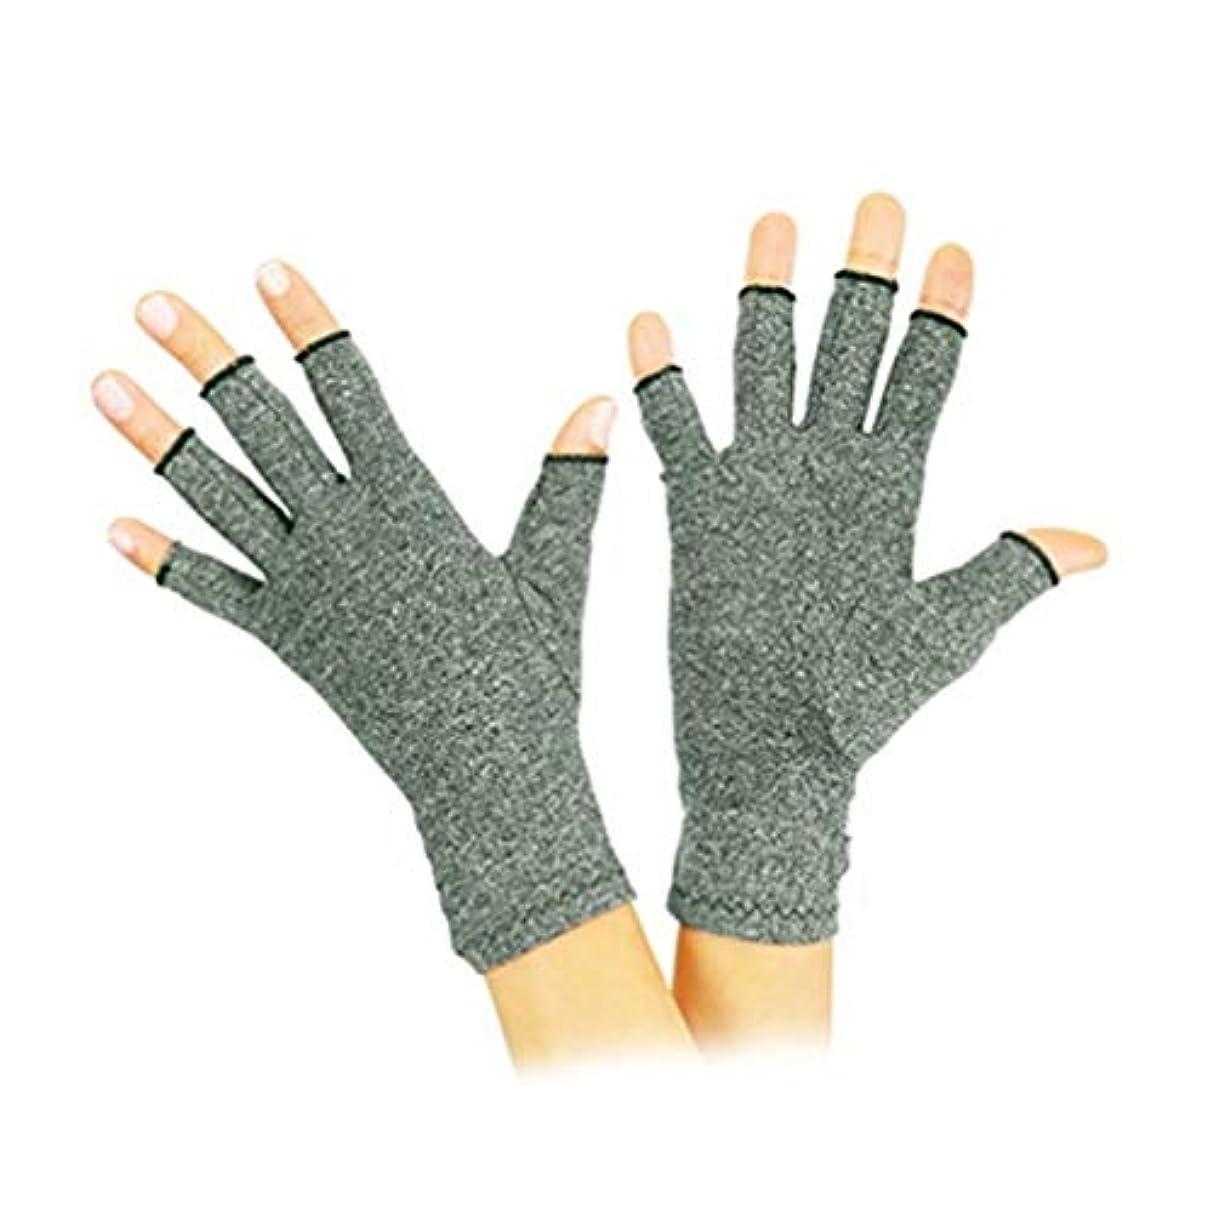 一方、贅沢なリング関節リウマチリウマチ性変形性関節症用手袋圧縮手袋コンピュータ入力用痛み緩和